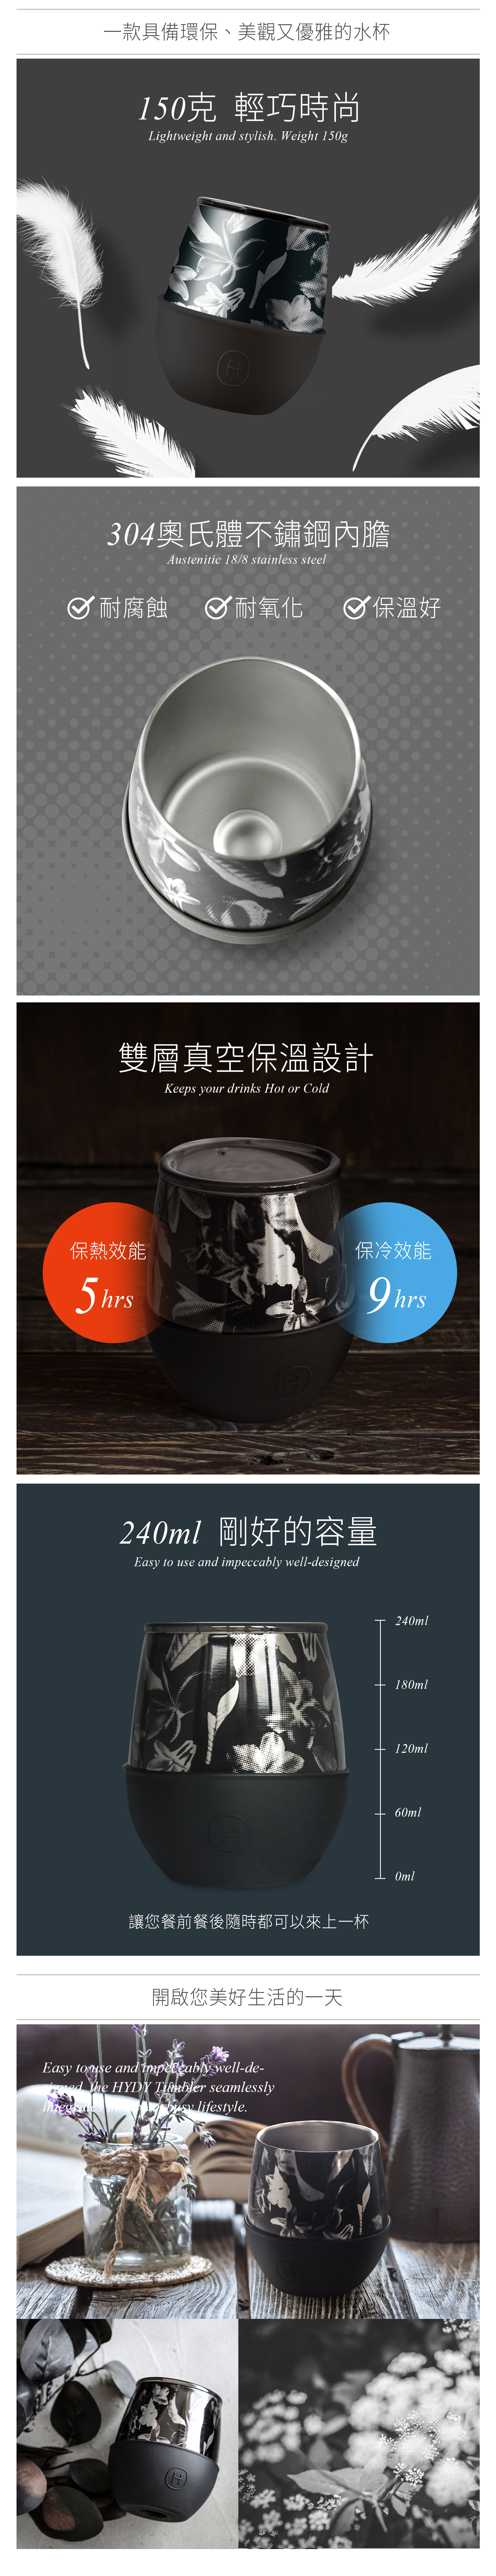 美國 HYDY Delicia 雙層隨行保溫杯 蛋型杯 黑花 (油墨黑) 240ml